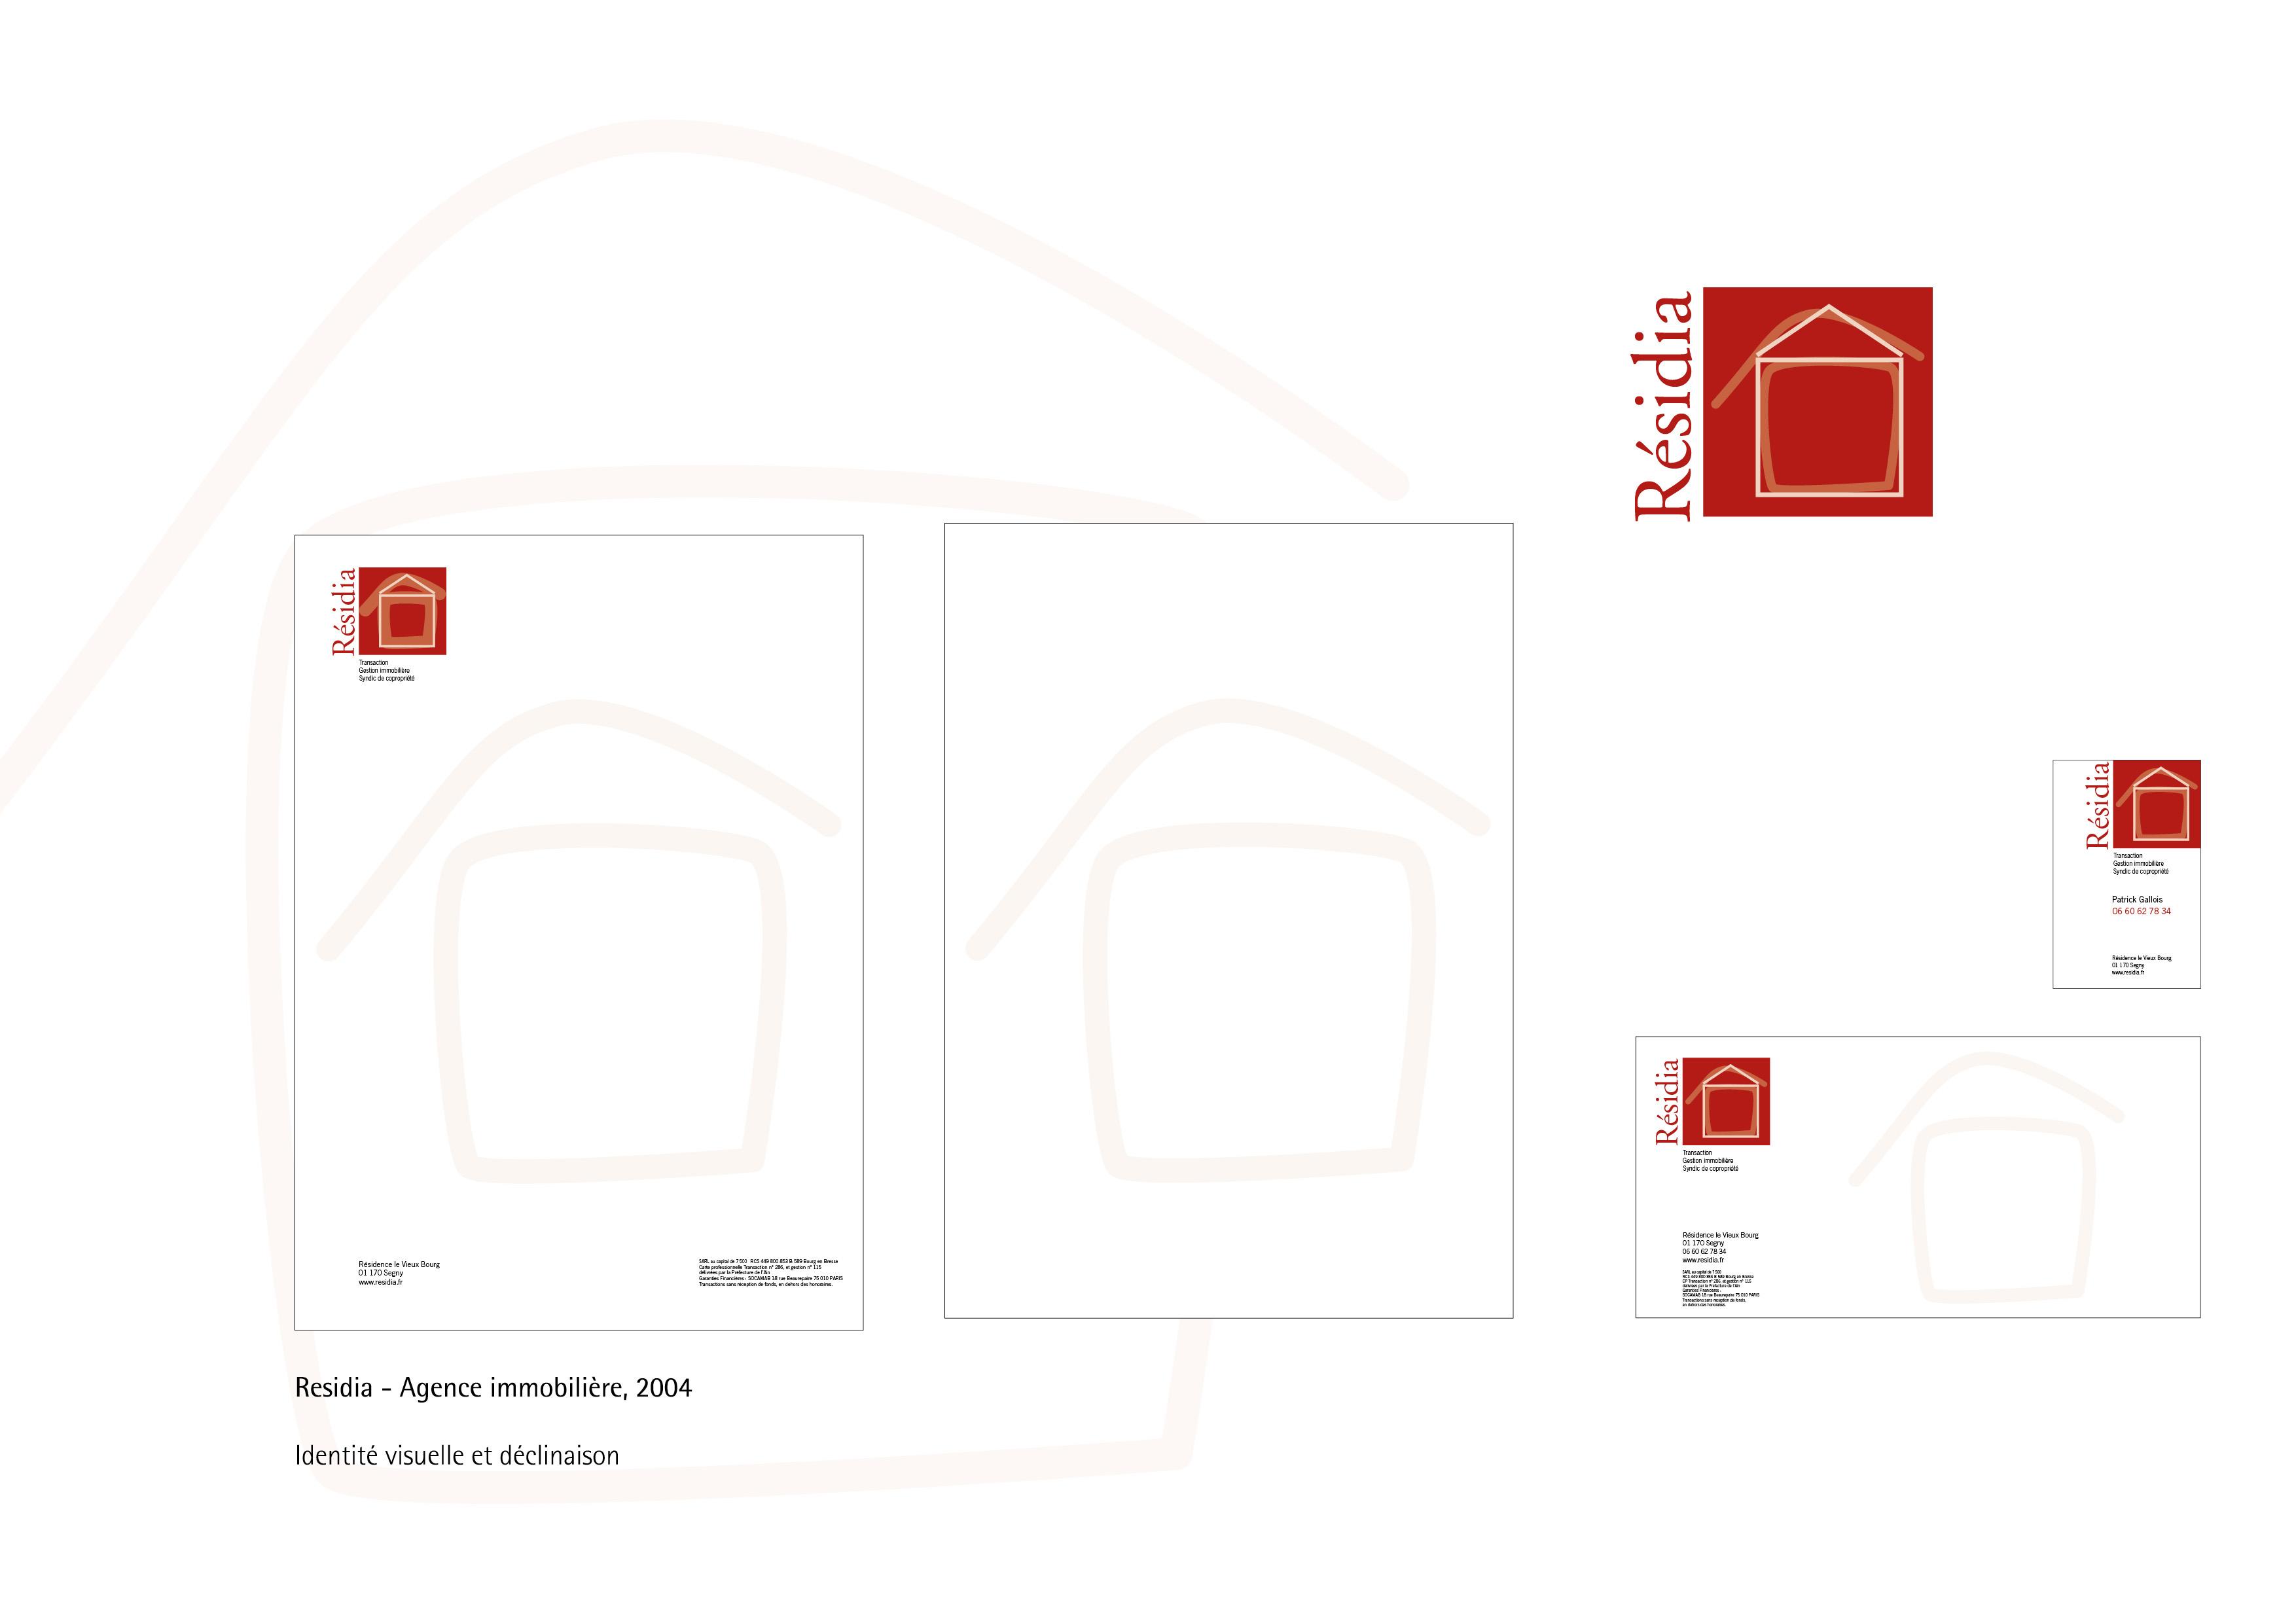 Residia Agence Immobilière